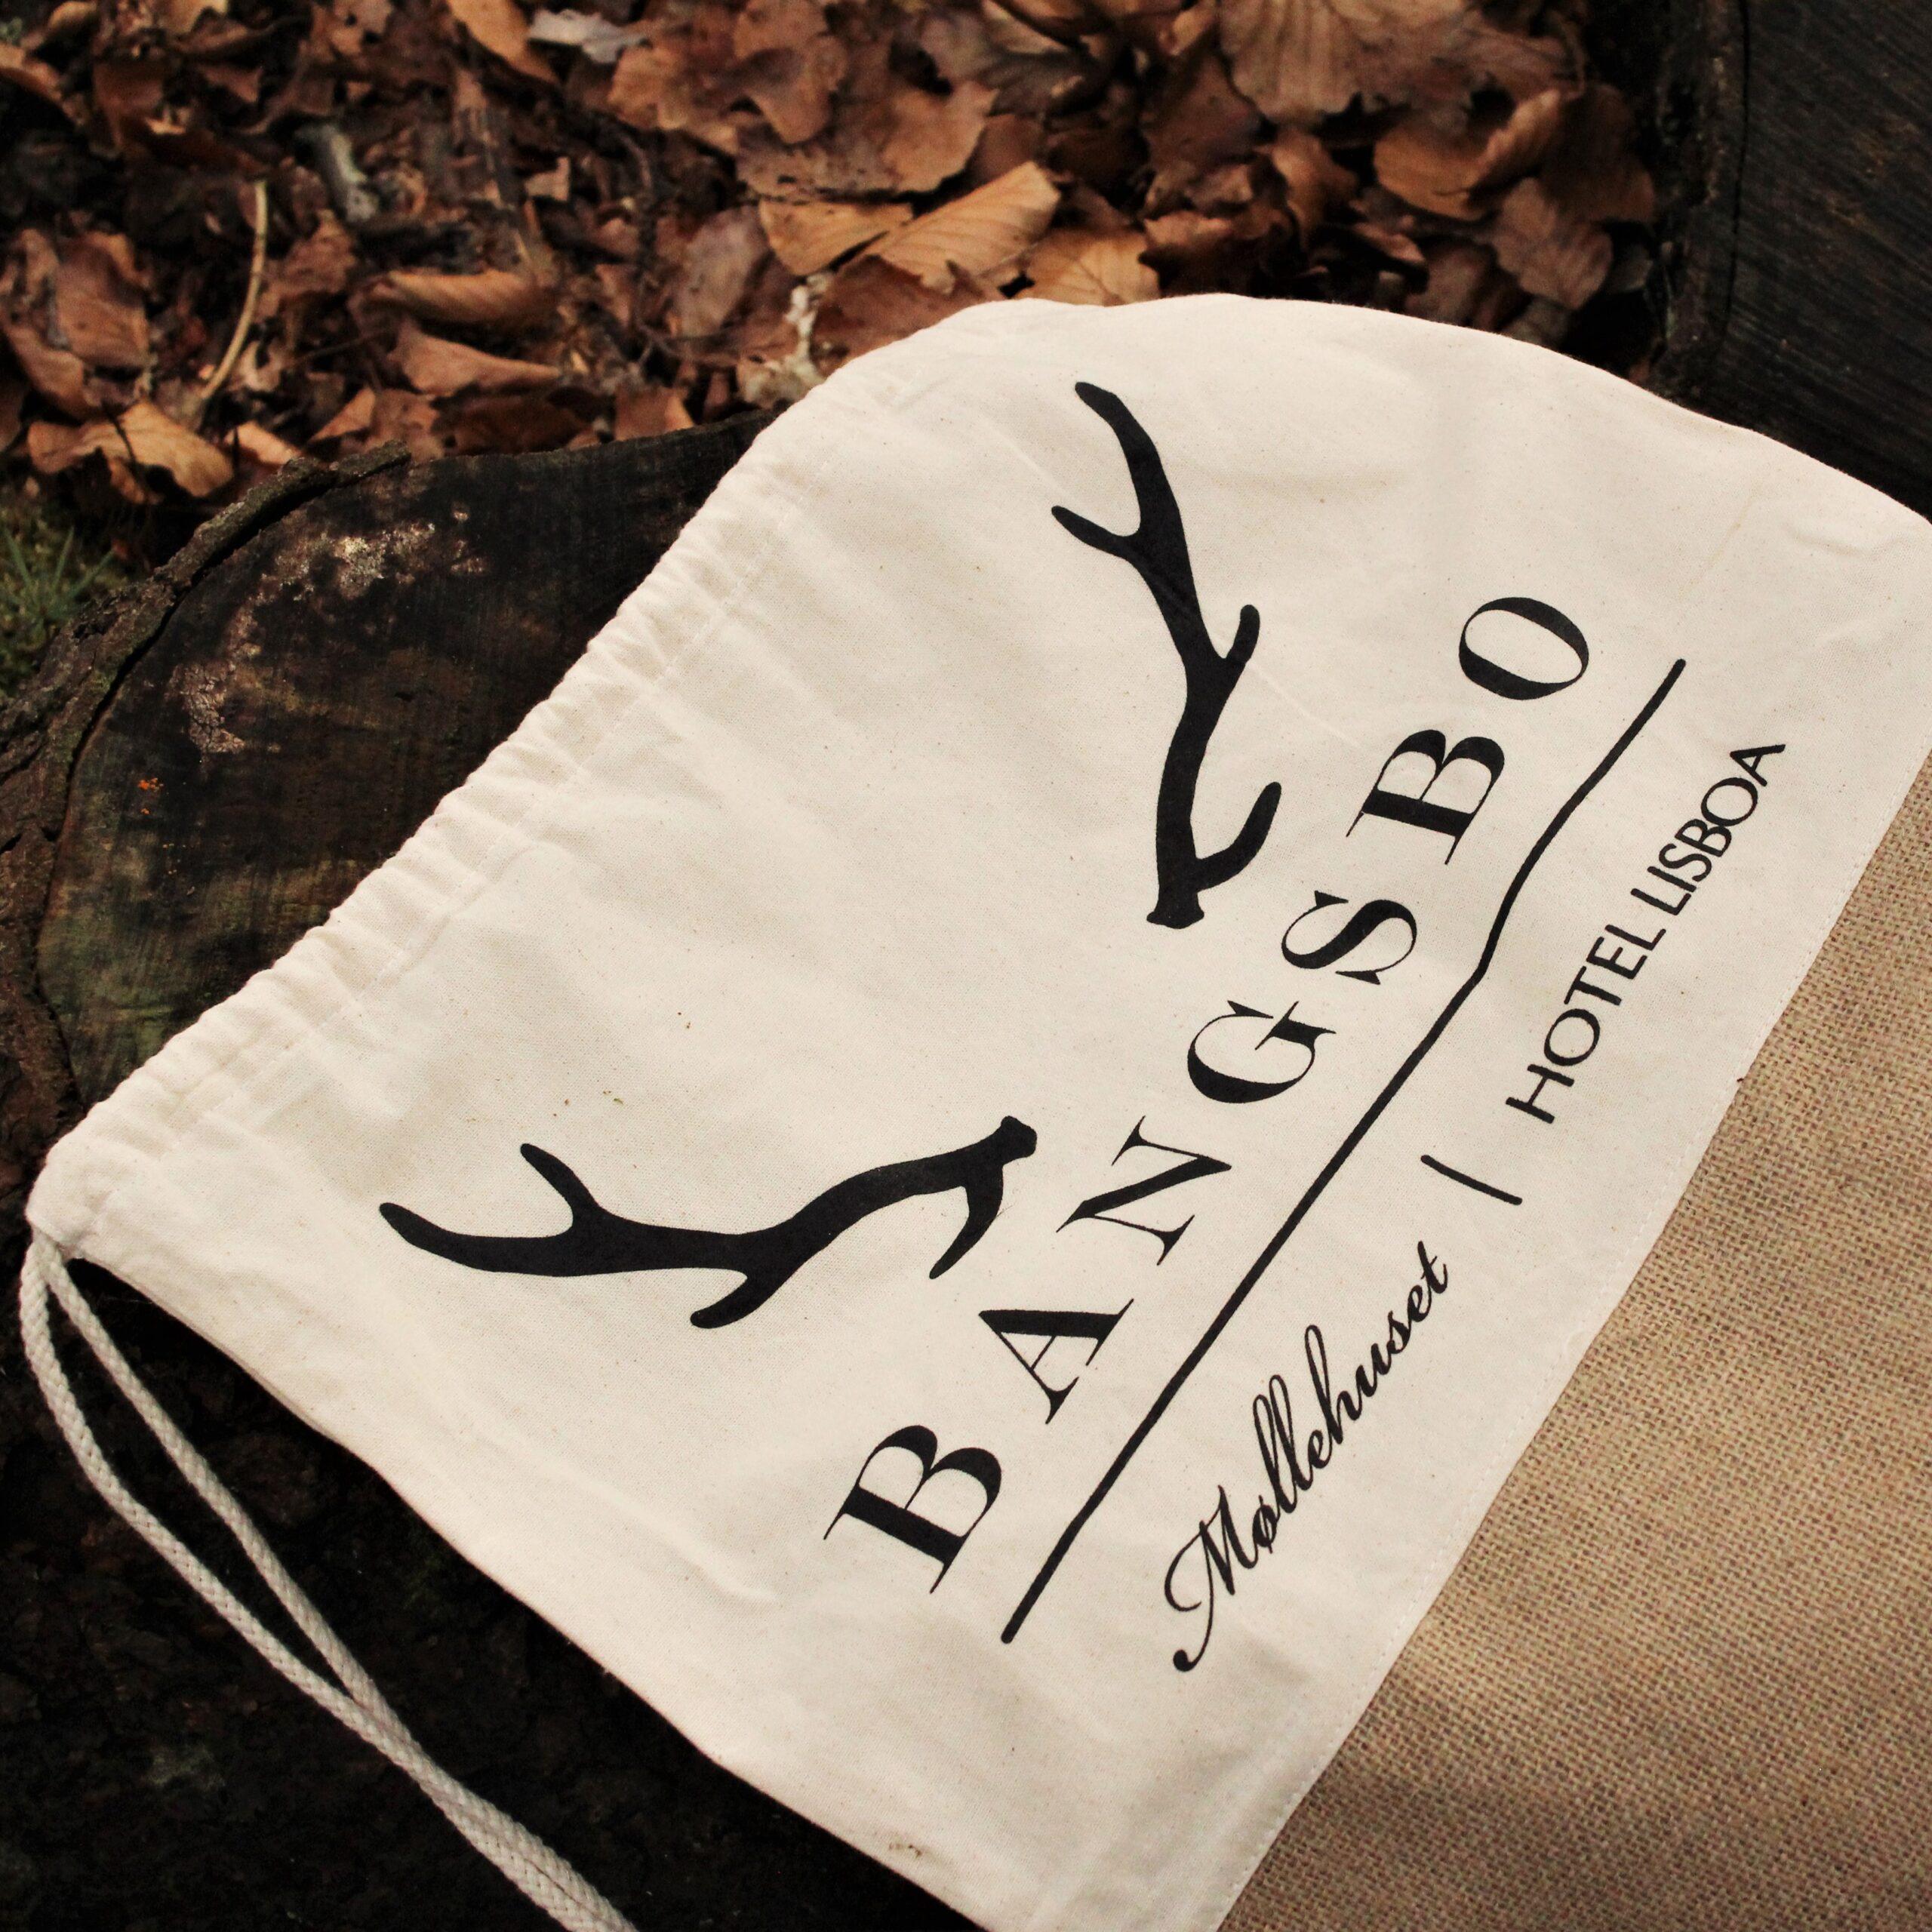 Restaurant møllehuset bangsbo rygsæk merchandise outdoorprodukter